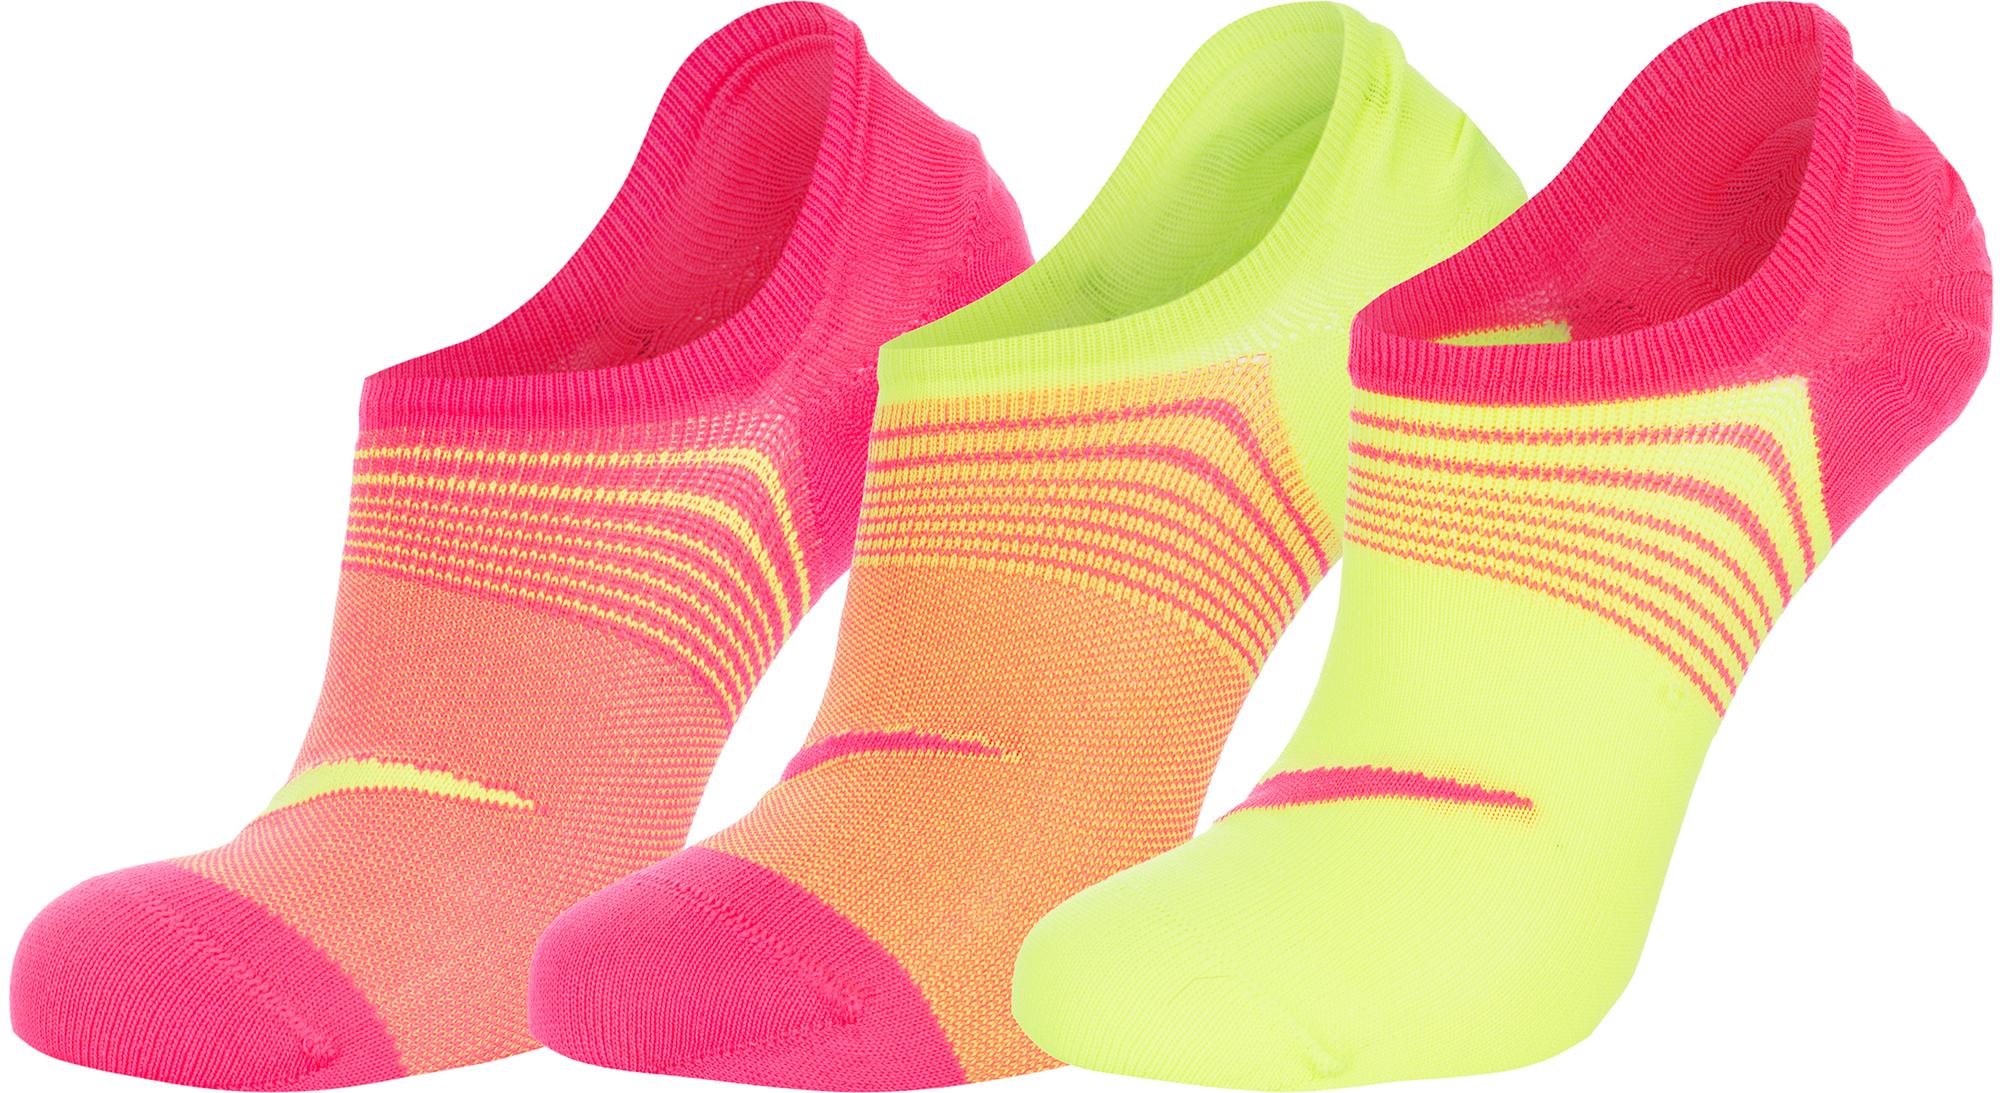 Nike Носки женские Nike Lightweight, 3 пары, размер 37-41